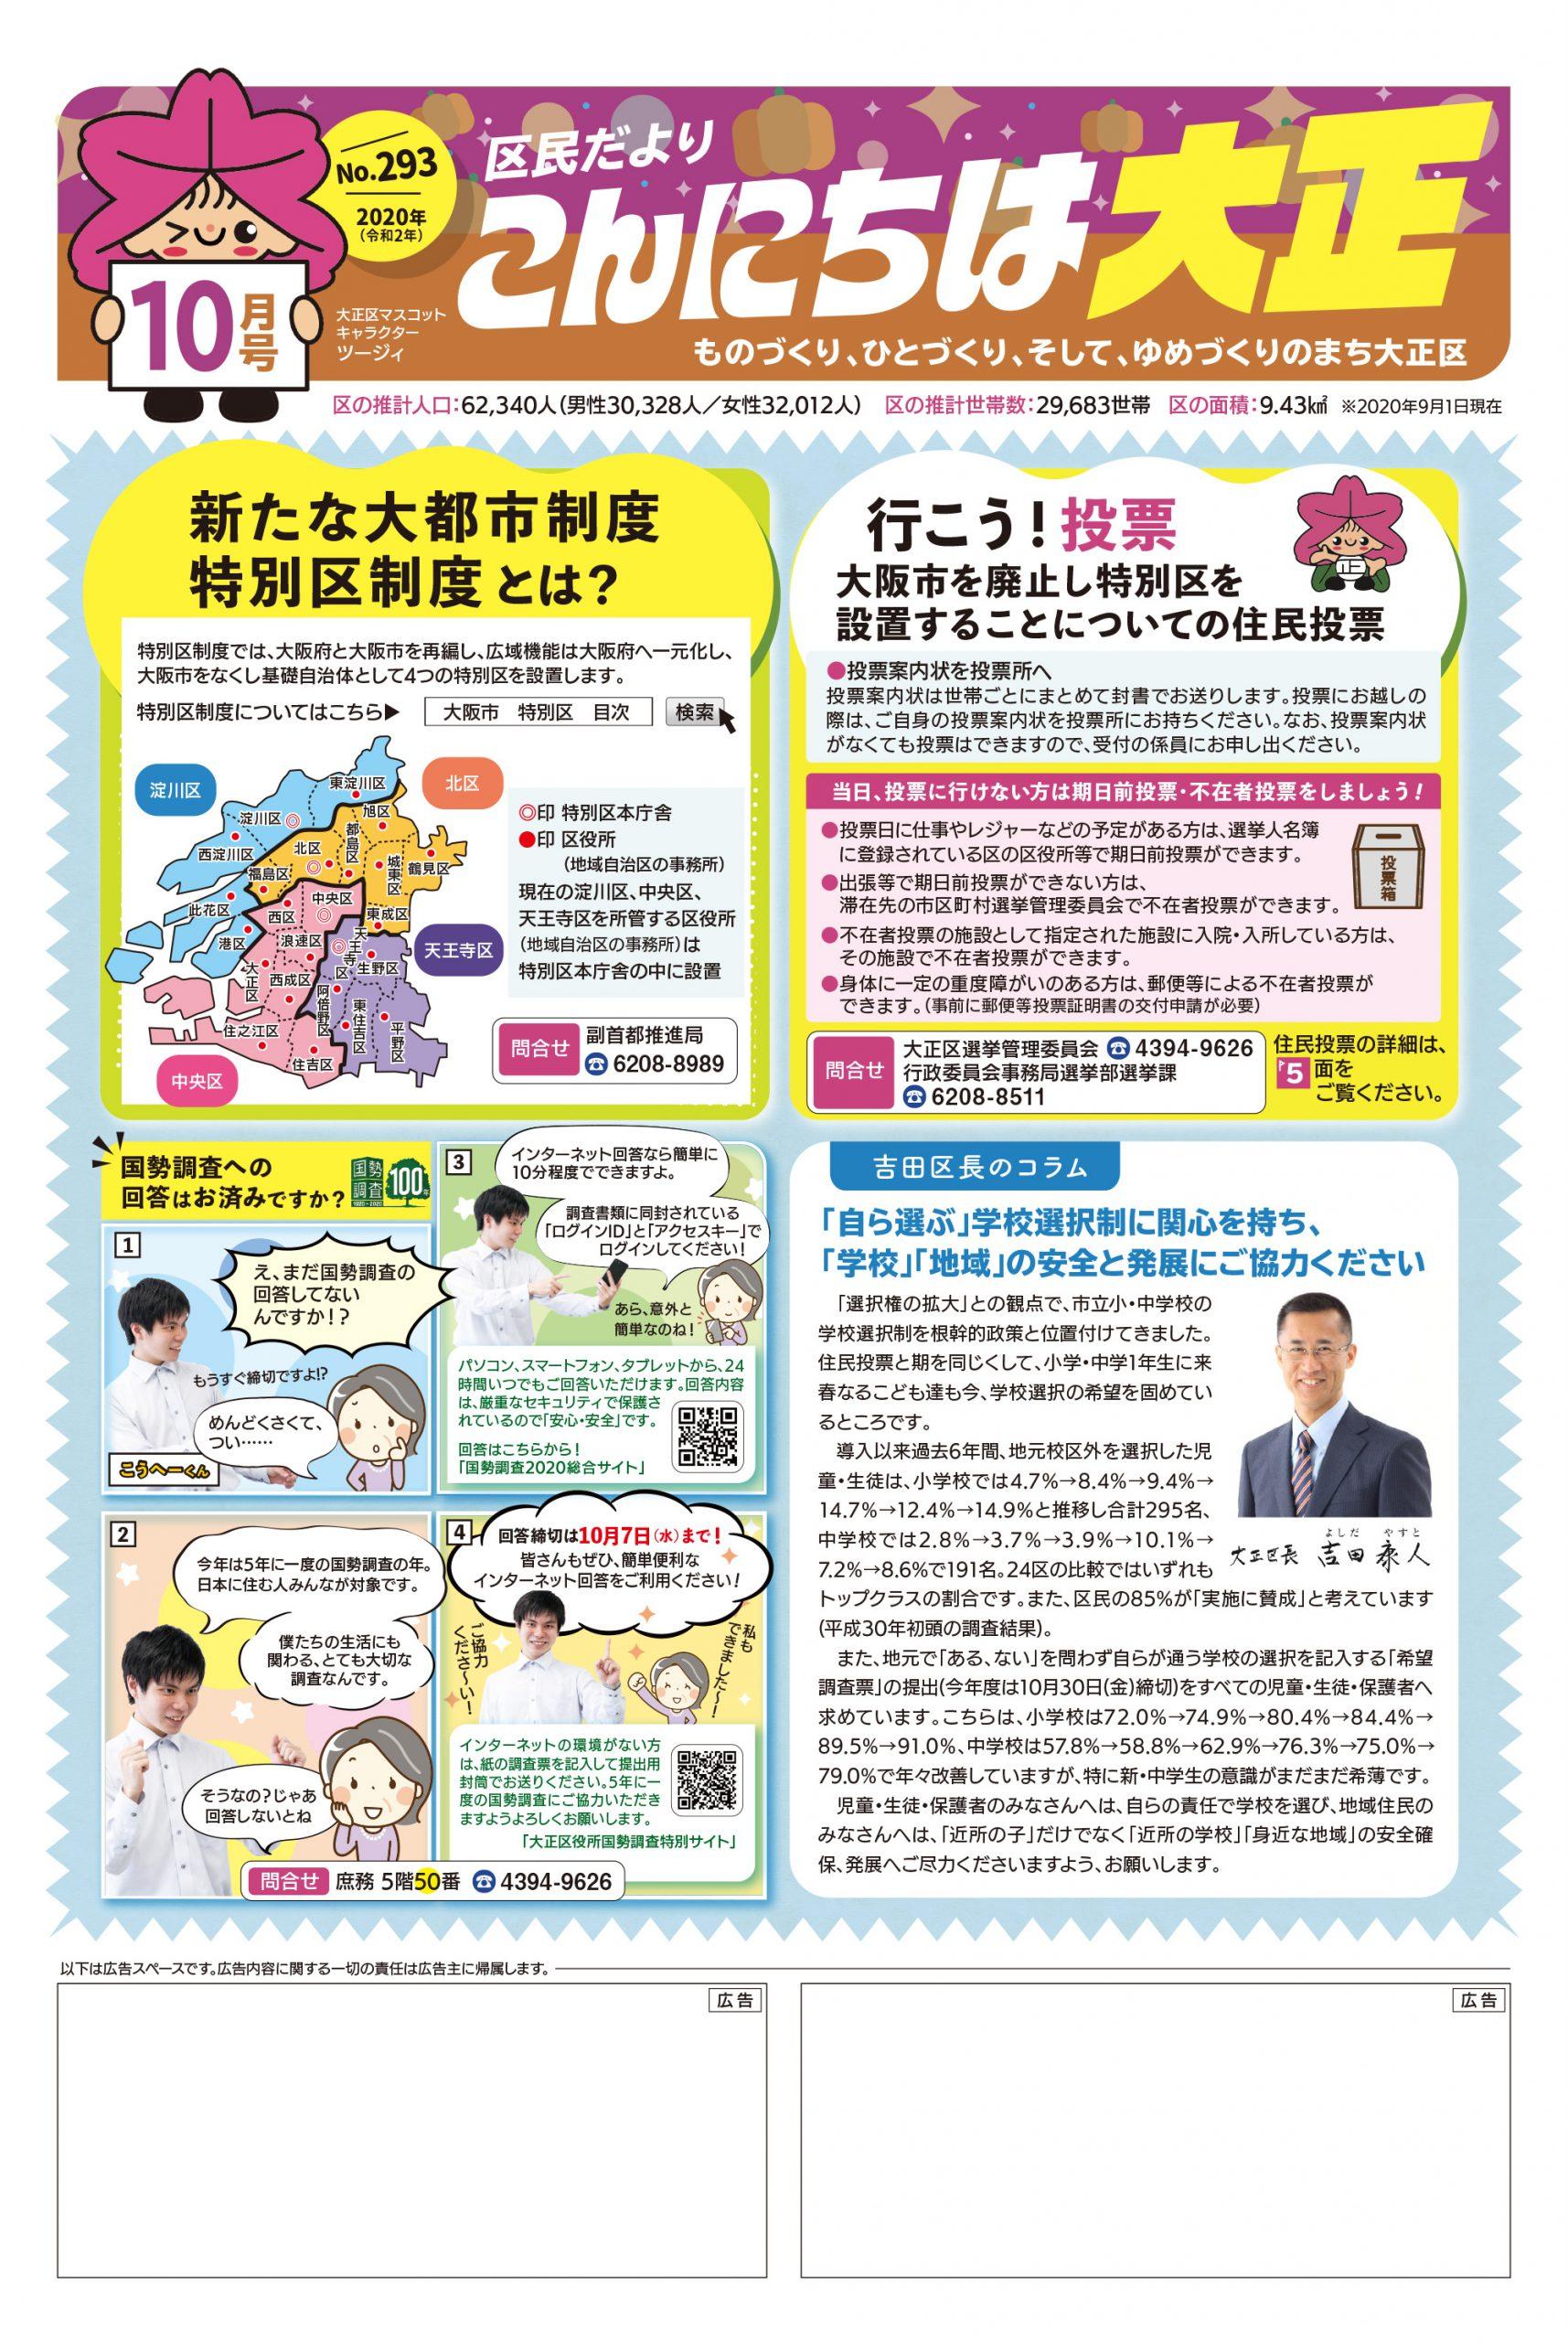 こんにちは大正10月号|2020.10 新たな大都市制度特別区精度とは?(大阪市大正区)